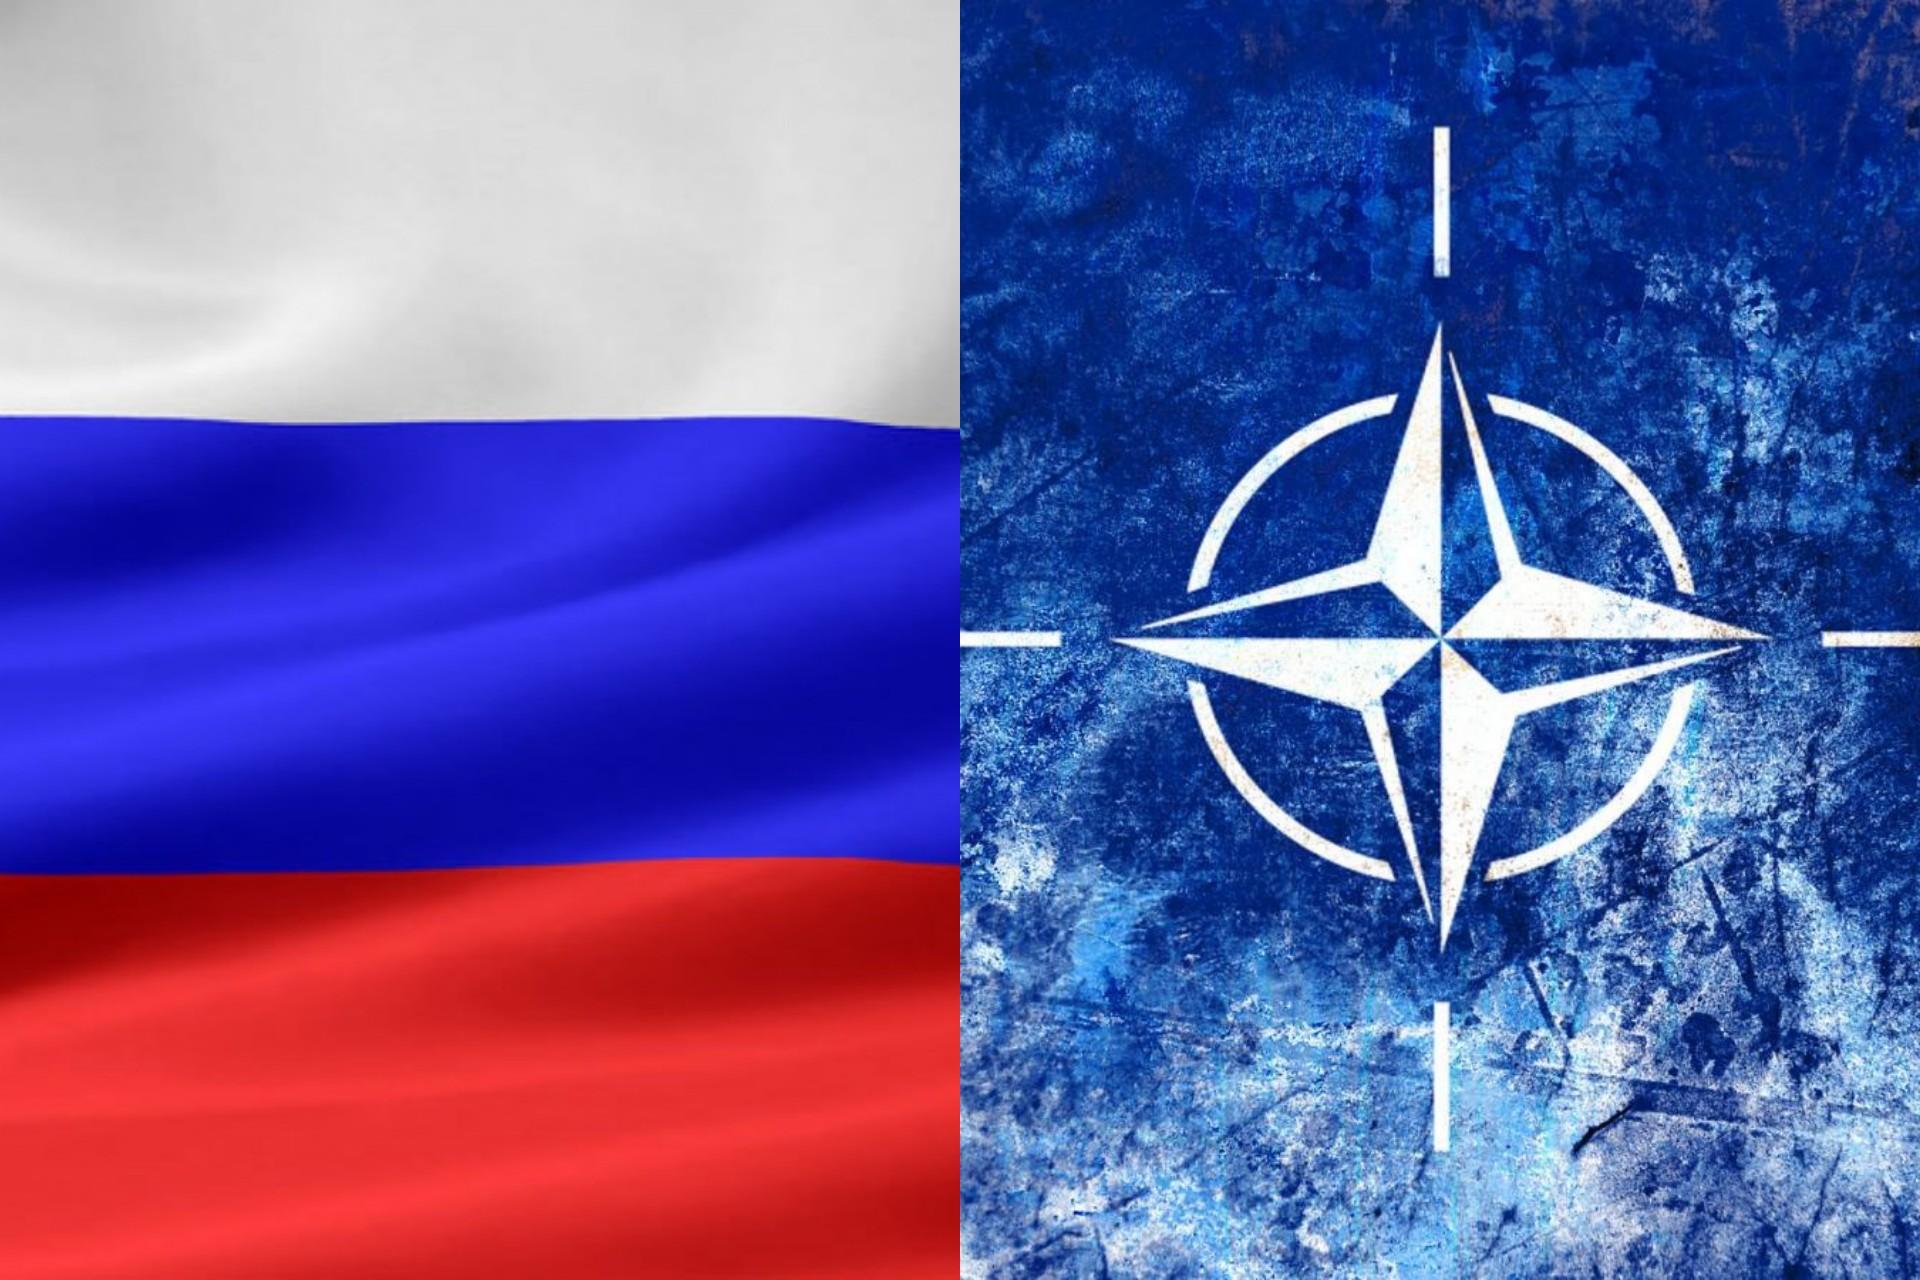 В НАТО обеспокоены новой тактикой РФ в Черном море